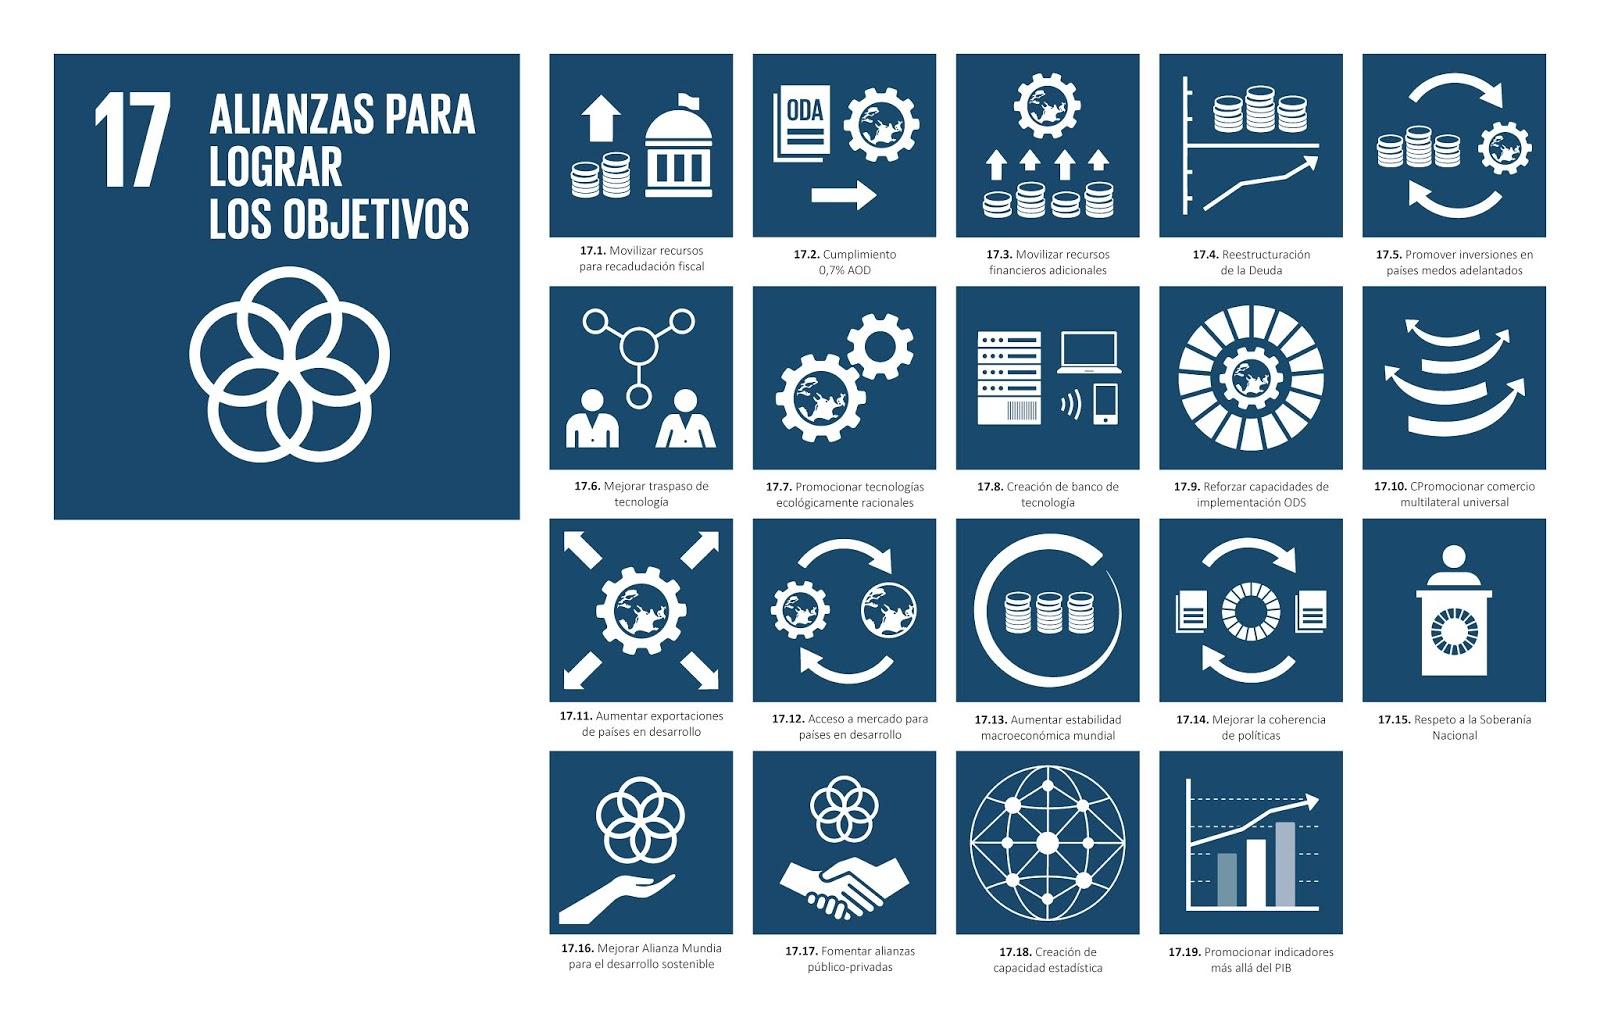 ALMAGRA: Metas y Objetivos de la Agenda 2030: ODS17 Alianzas para lograr  los Objetivos